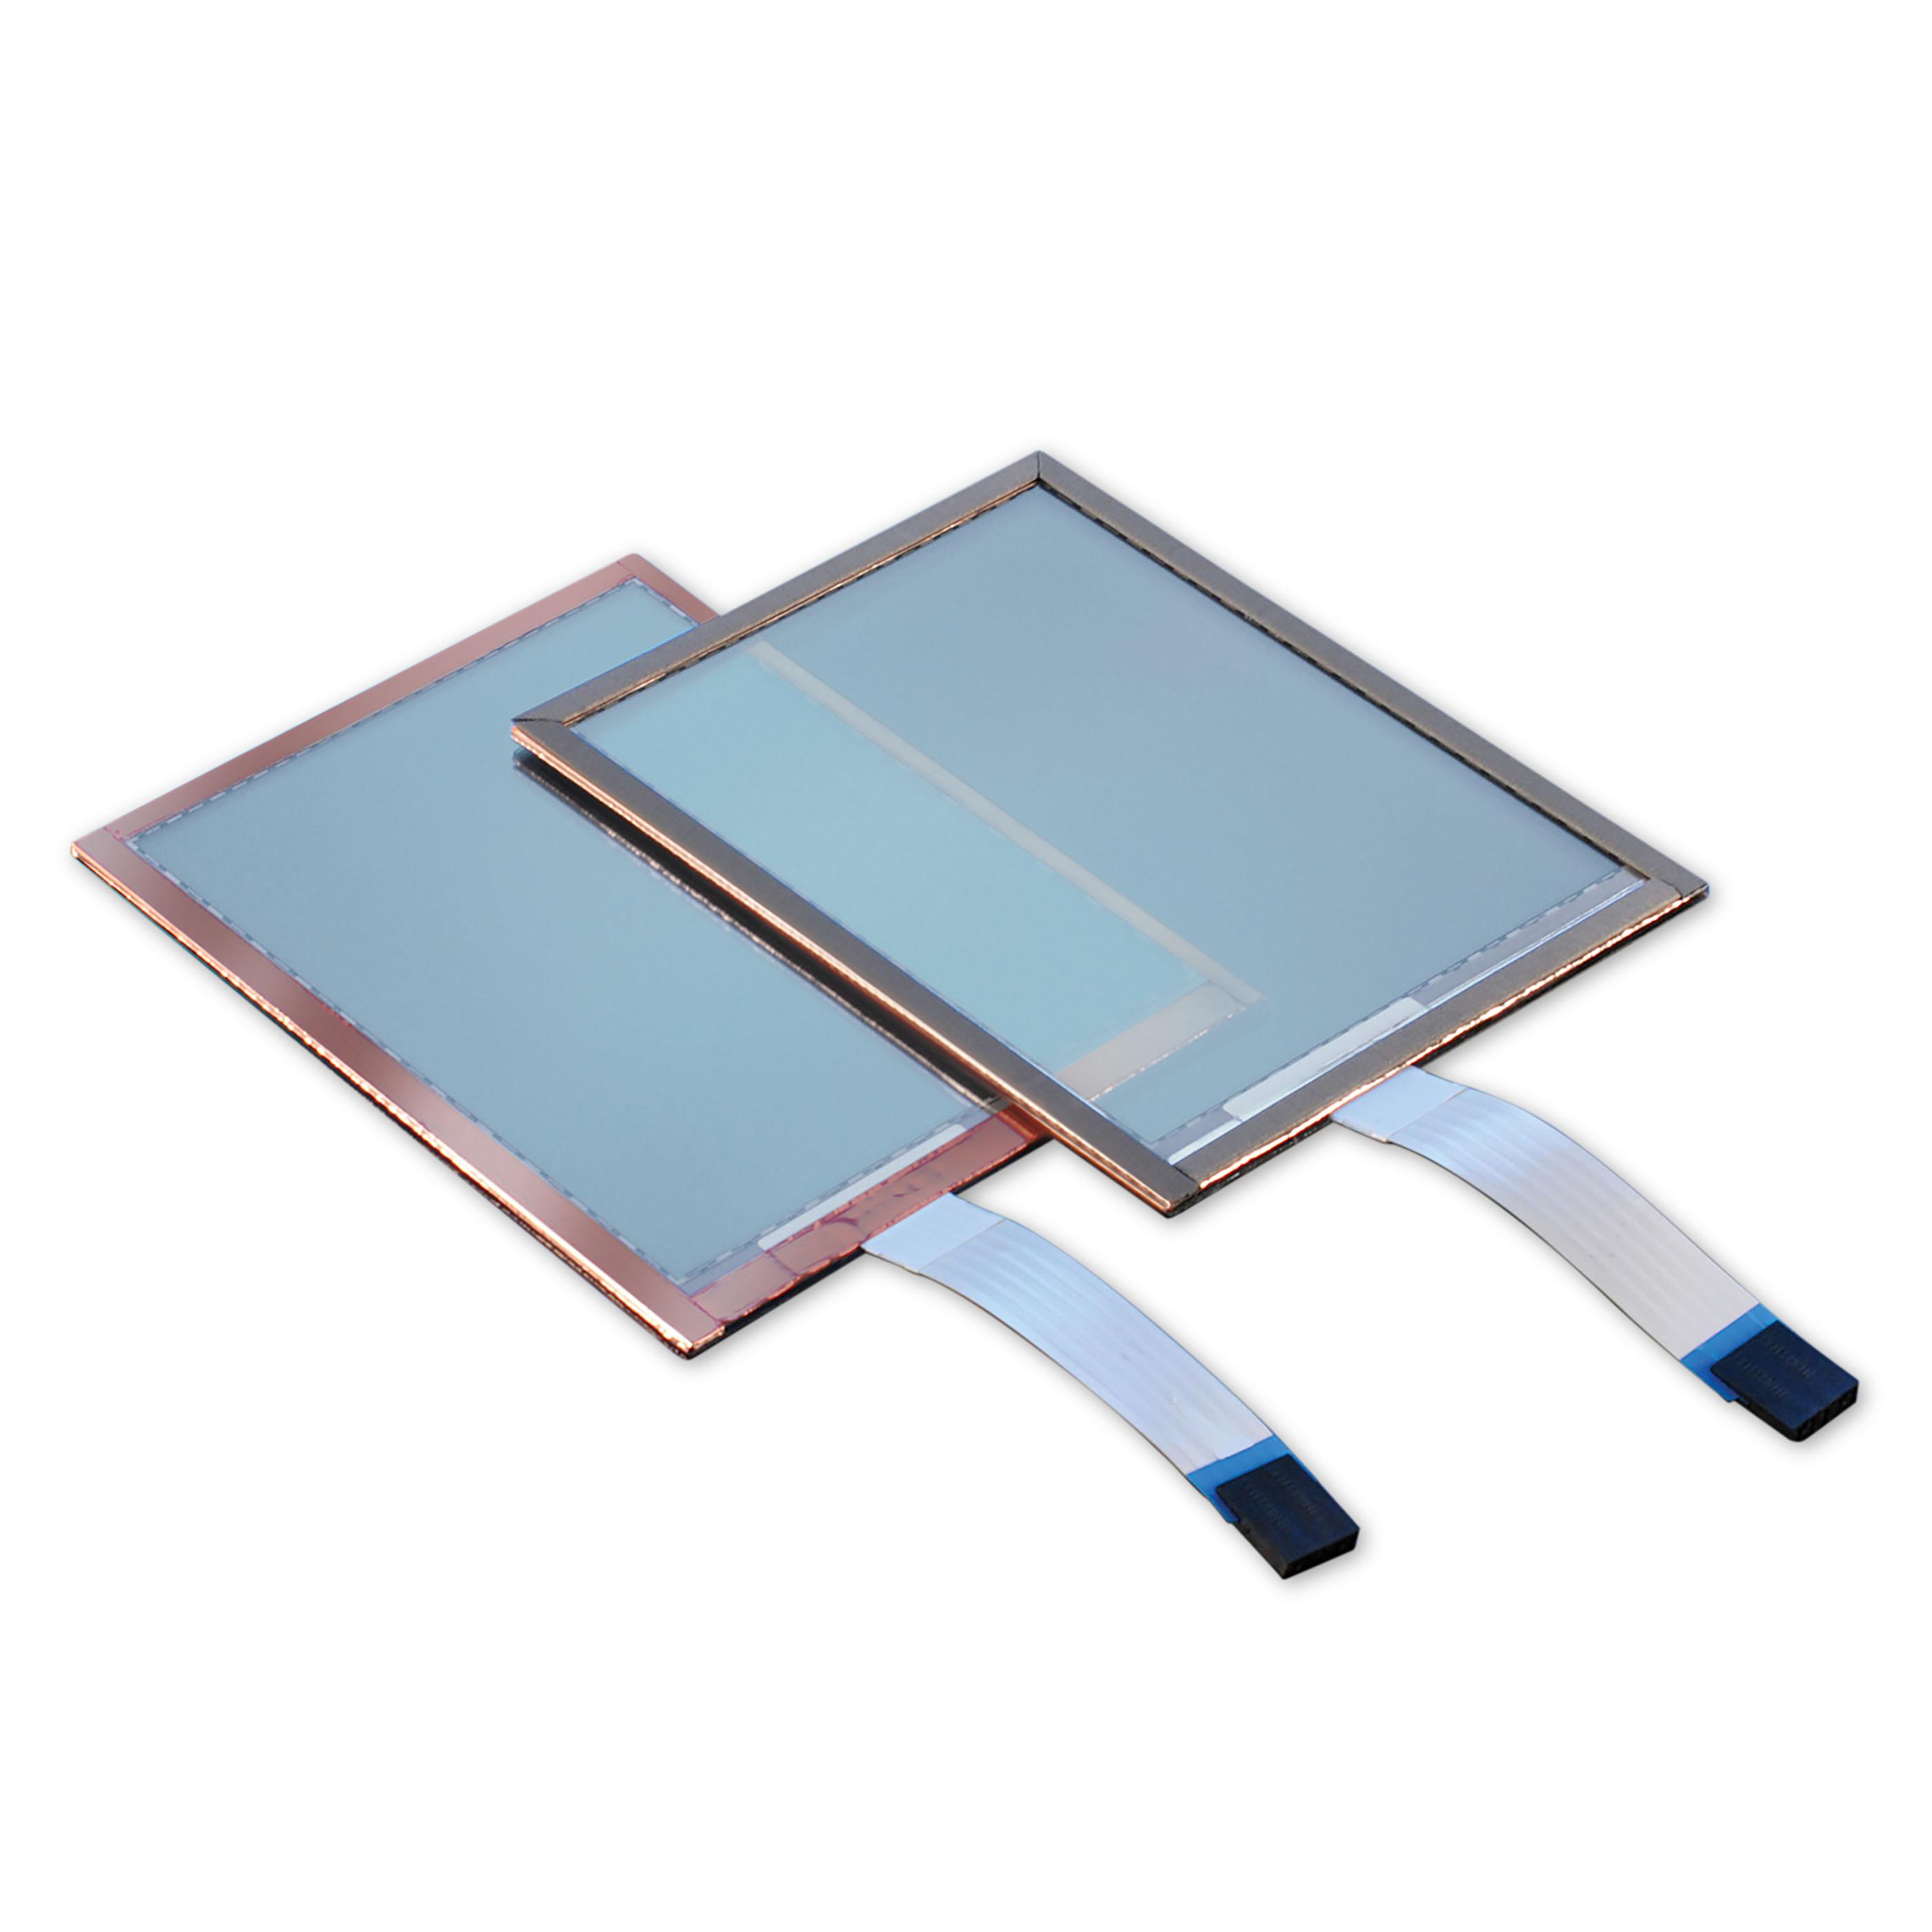 parker-chomerics-integrated-display-solutions-PAR_1318_FULL